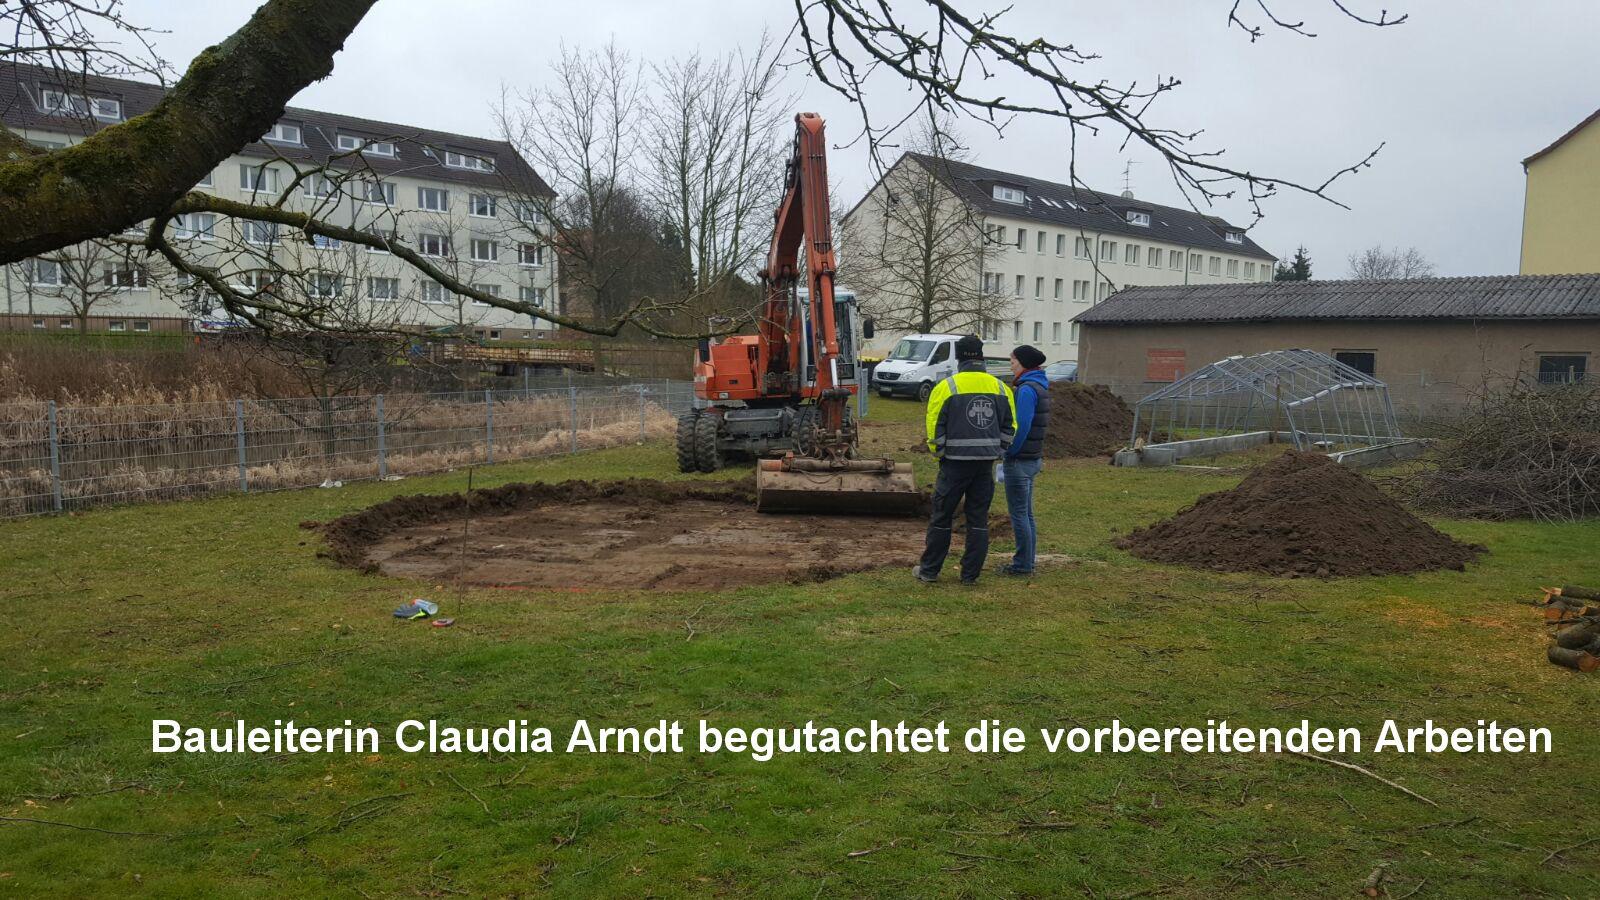 3 Bauleiterin Claudia Arndt begutachtet die vorbereitenden Arbeiten